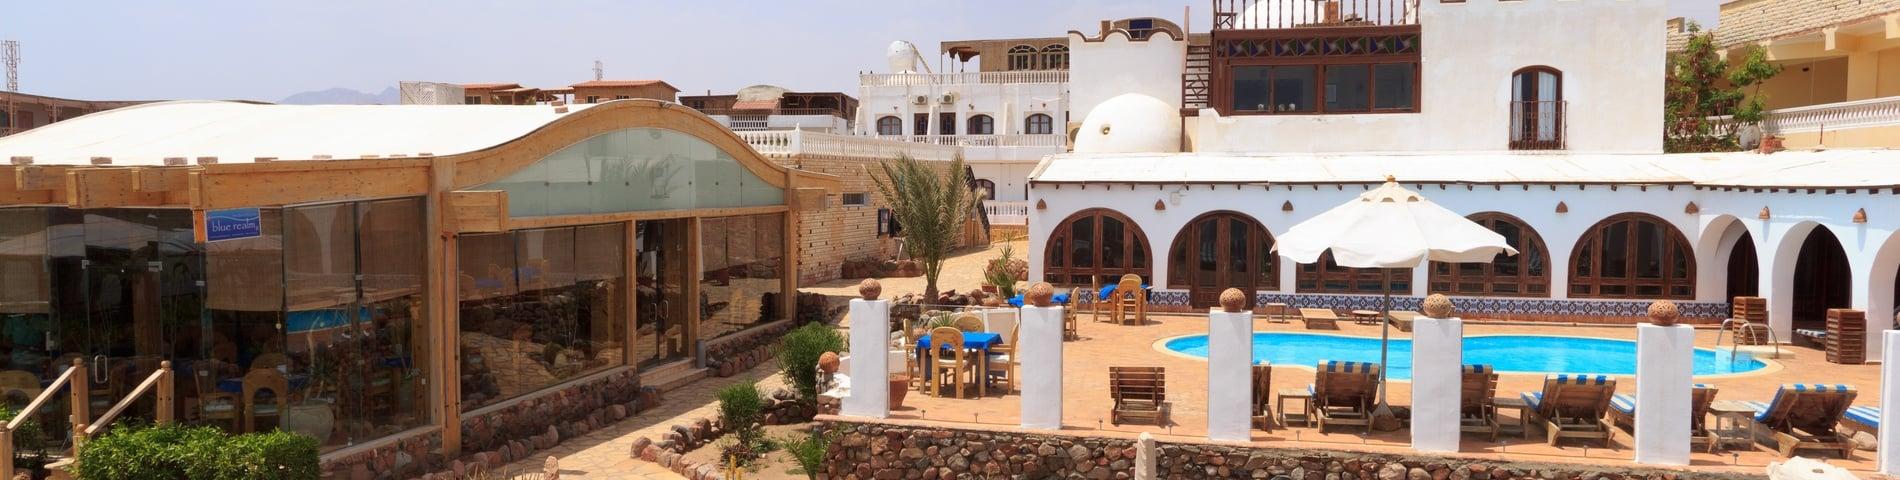 Imagen 1 de la escuela Blue Beach Club School Of Arabic Language